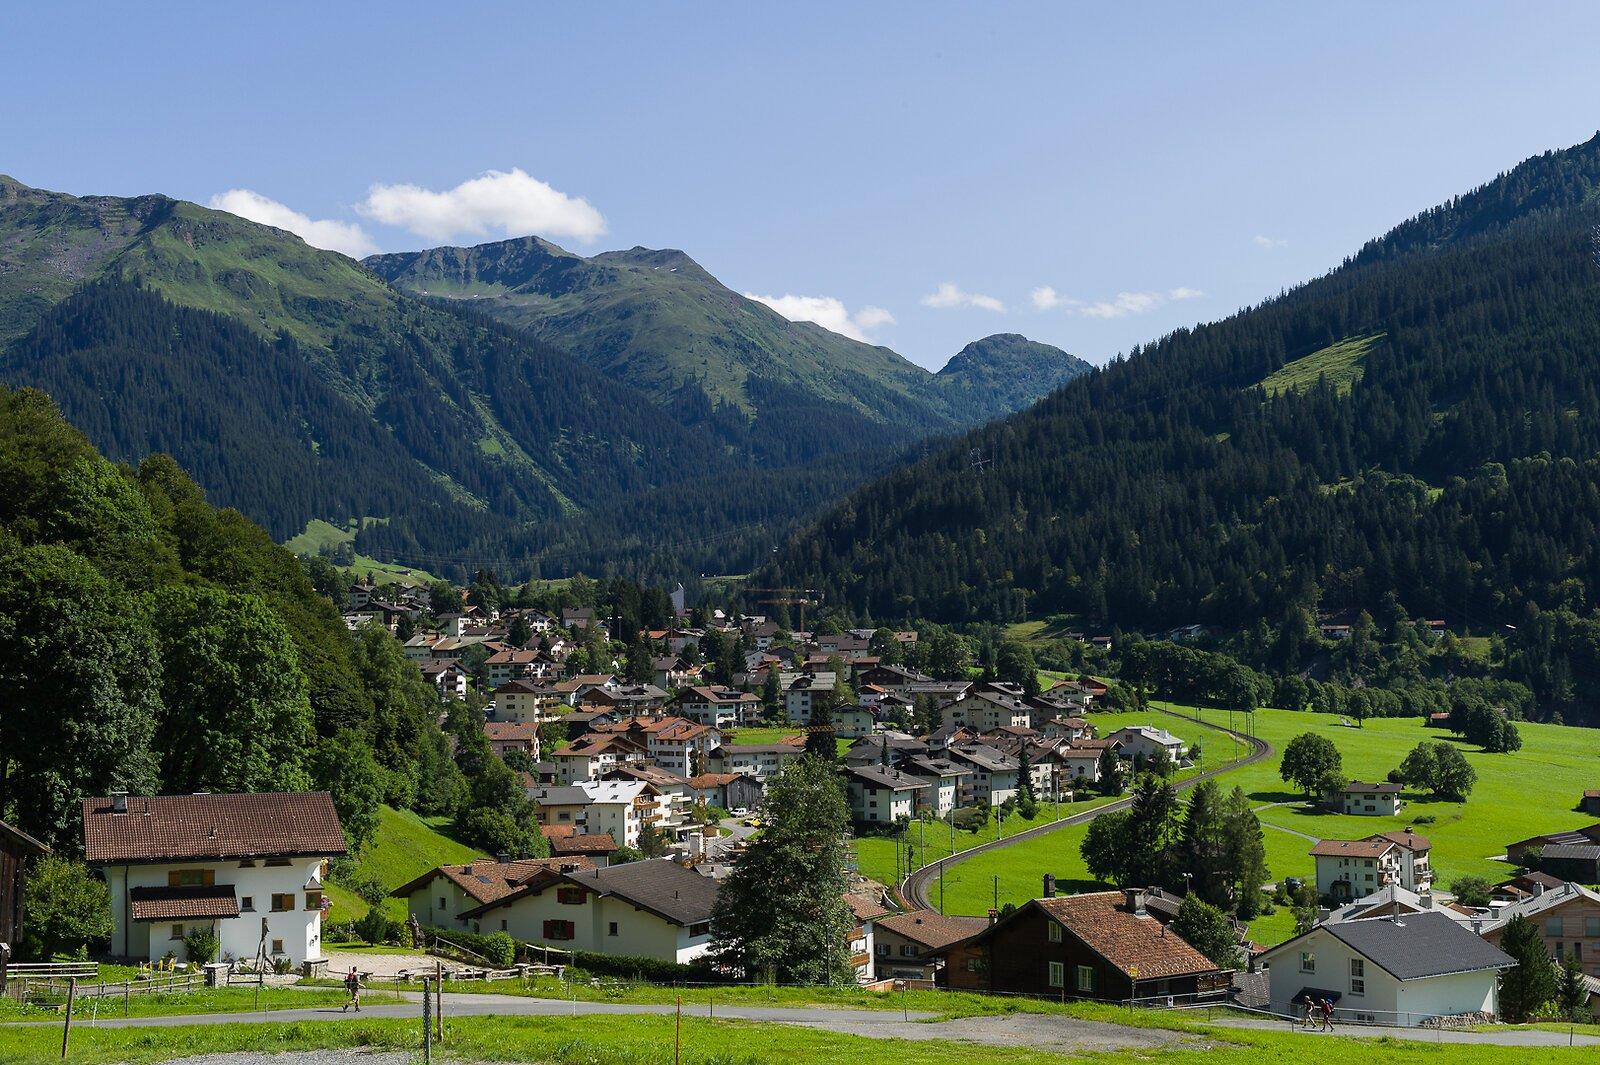 2012-Klosters_2012-07-16_16-26-46_01167.jpg